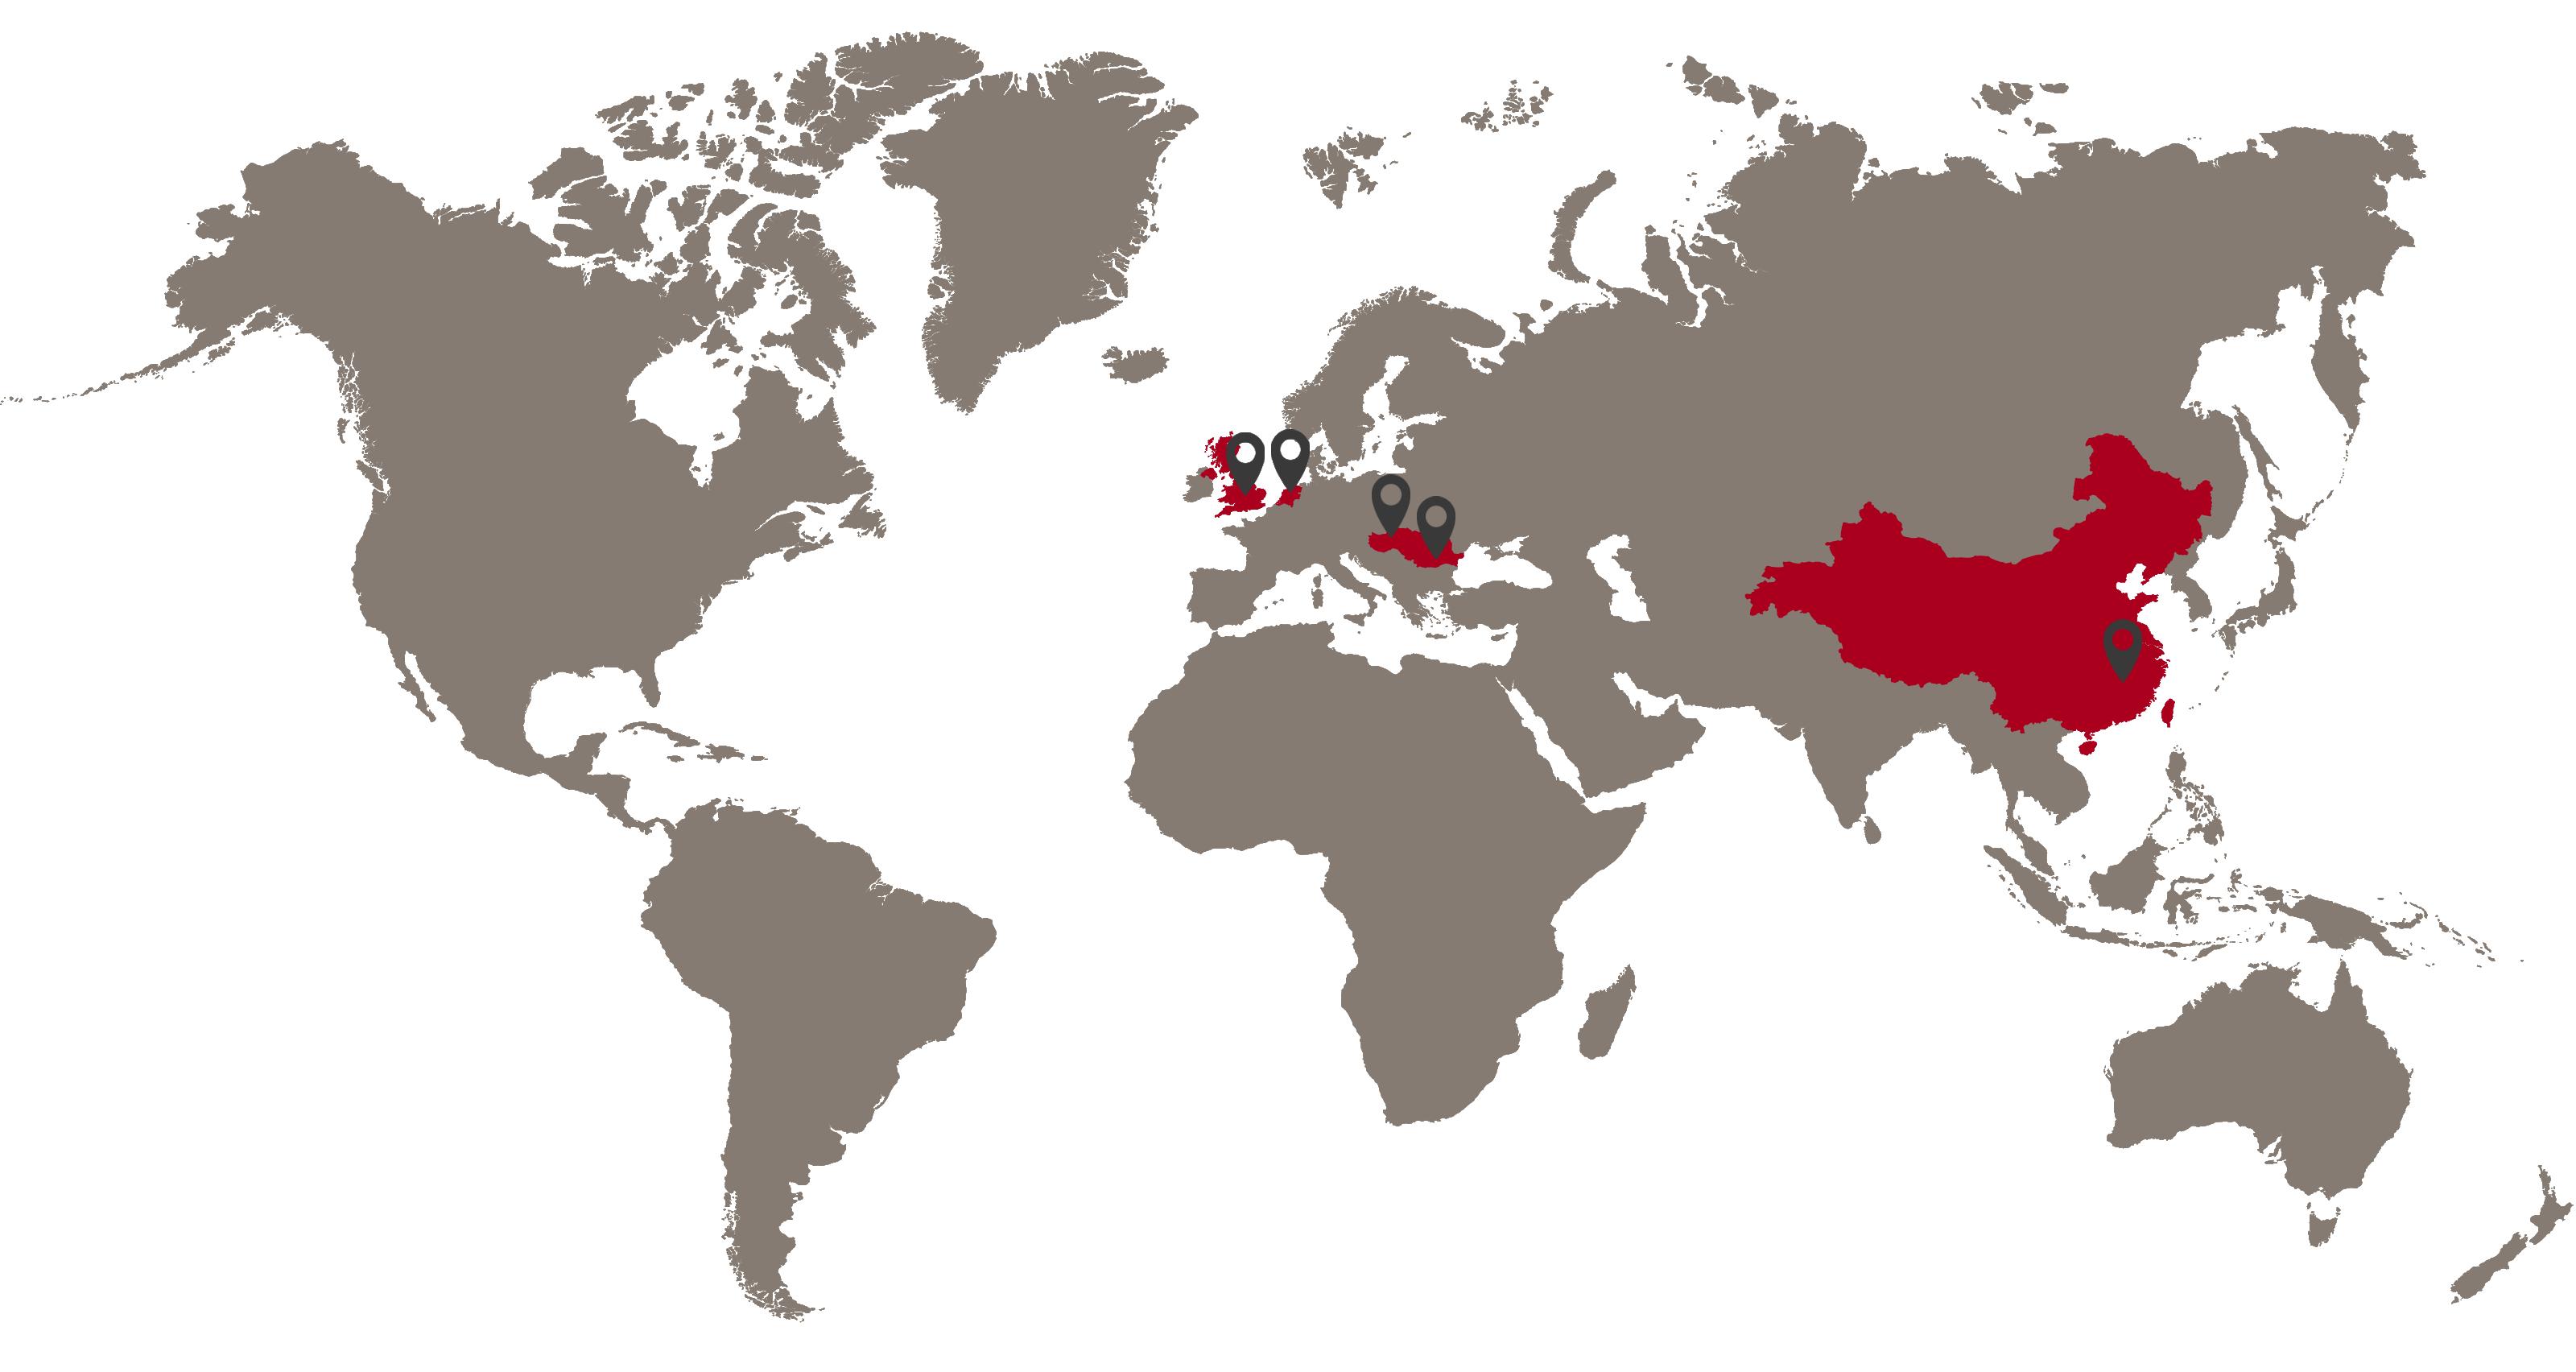 Technirub kaart